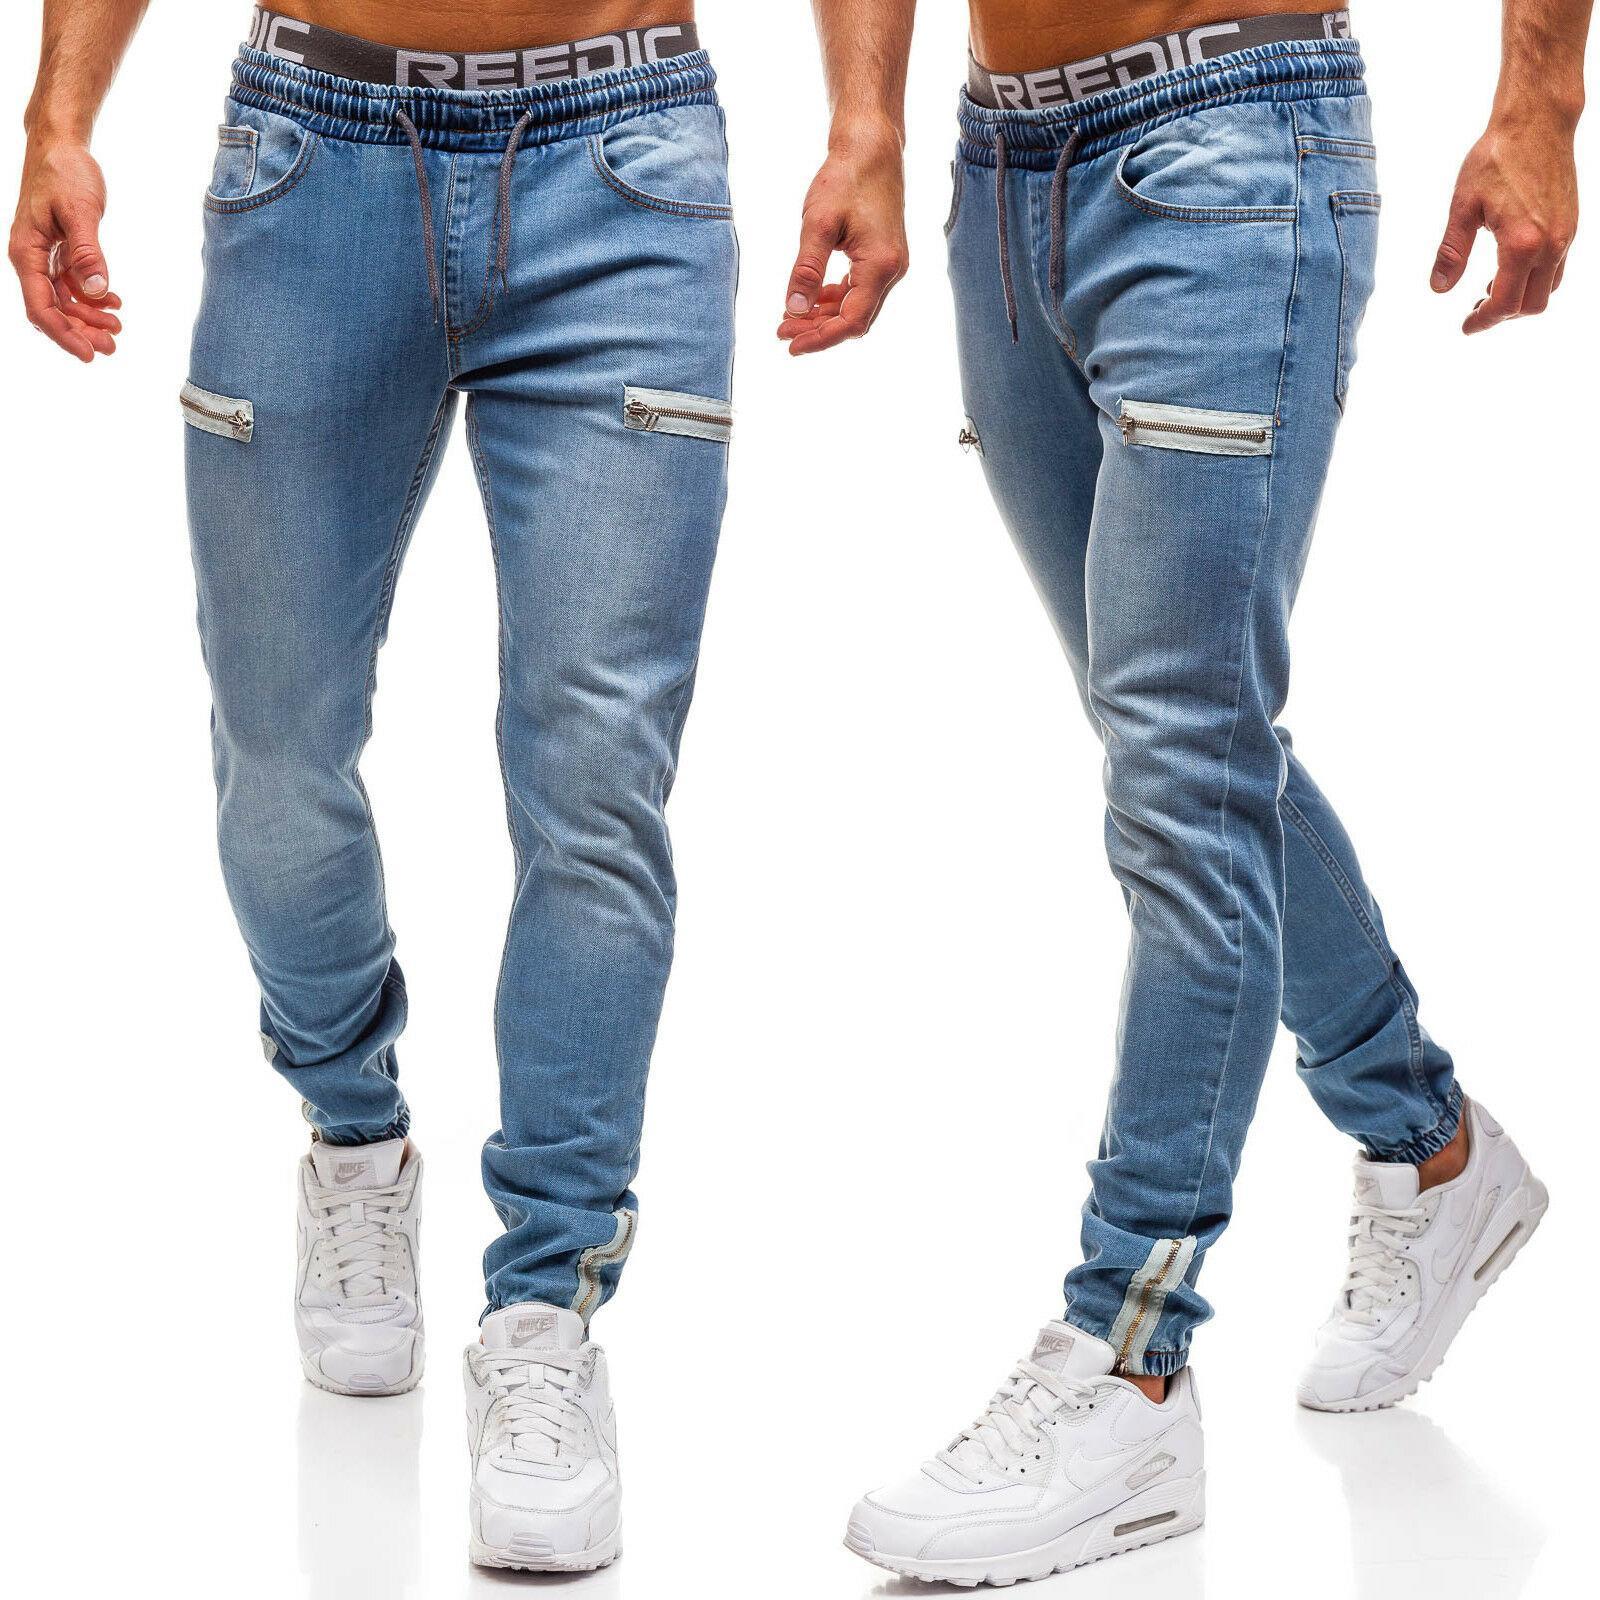 Designer Jeans pour Hommes 2020 Fashion Slim Jeans Hommes Drawstring Casual Matte Zipper Designer style sport Jeans Pantalons Hommes longues